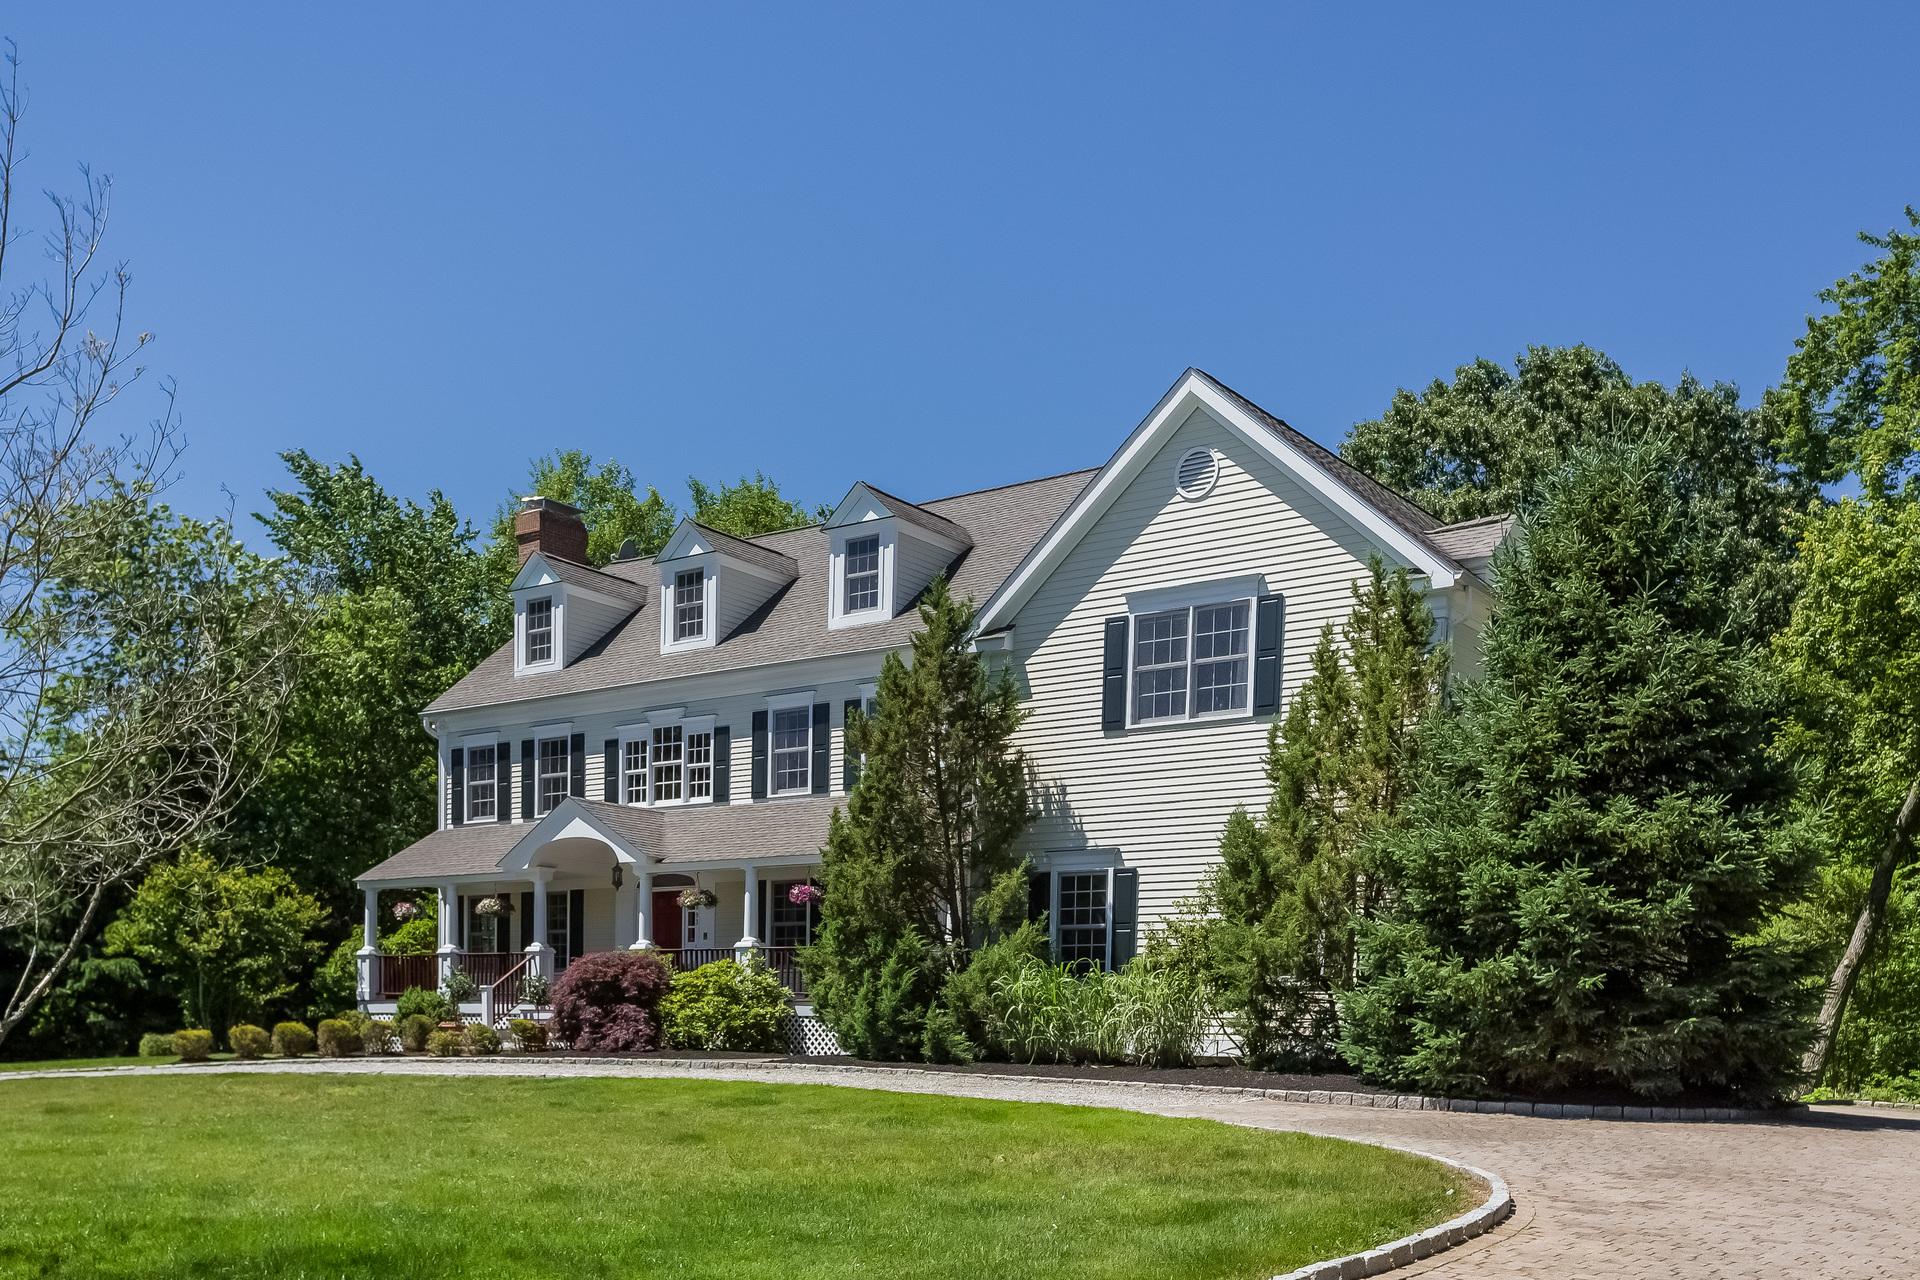 Maison unifamiliale pour l Vente à Spacious and Welcoming 193 Sturges Ridge Road Wilton, Connecticut 06897 États-Unis